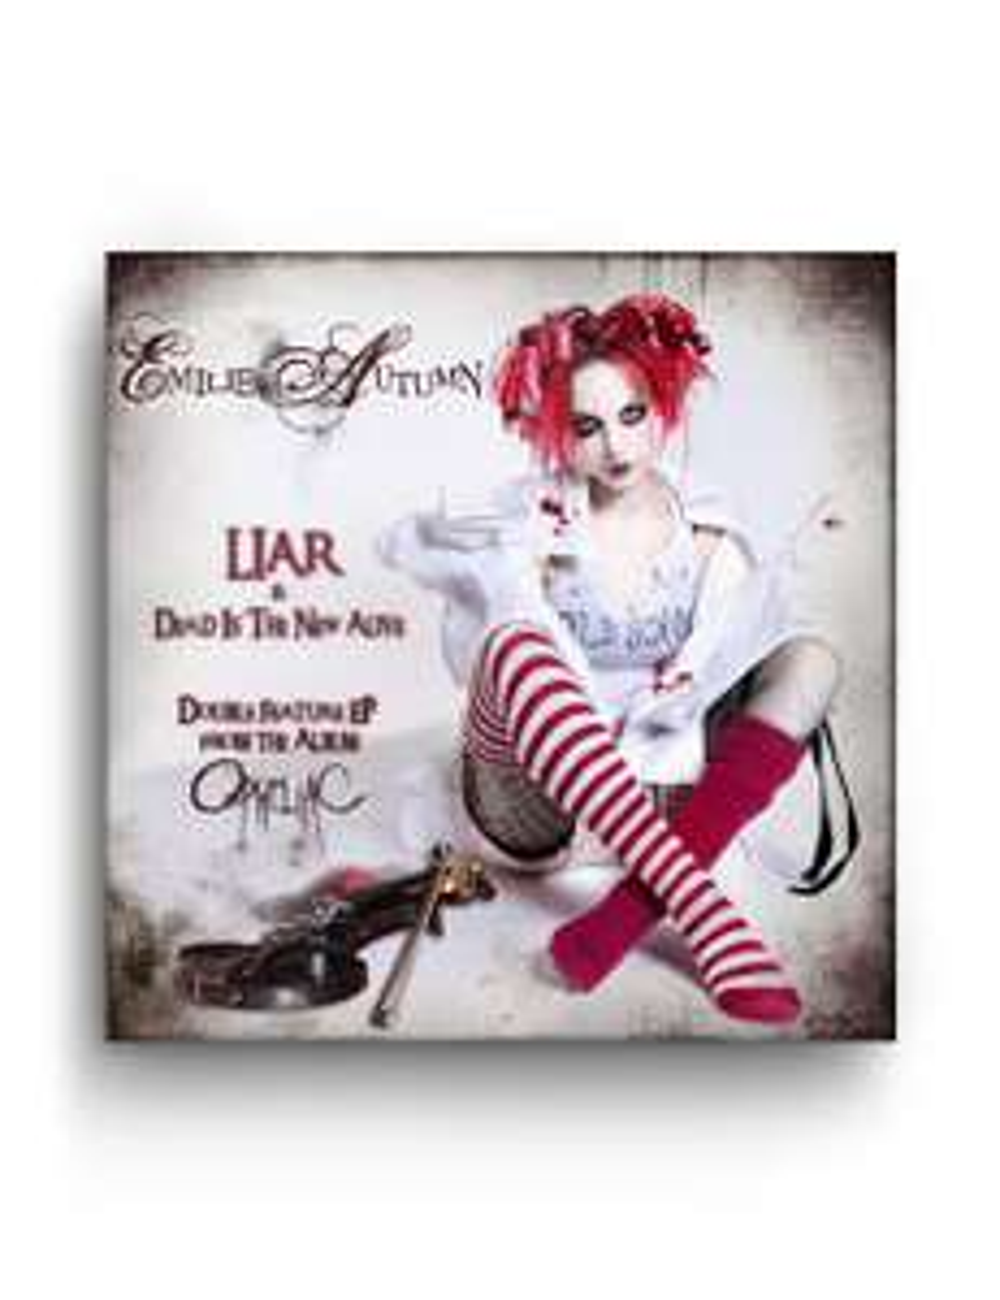 Alle Alben von Emilie Autumn stehen zur Zeit gratis zum Download